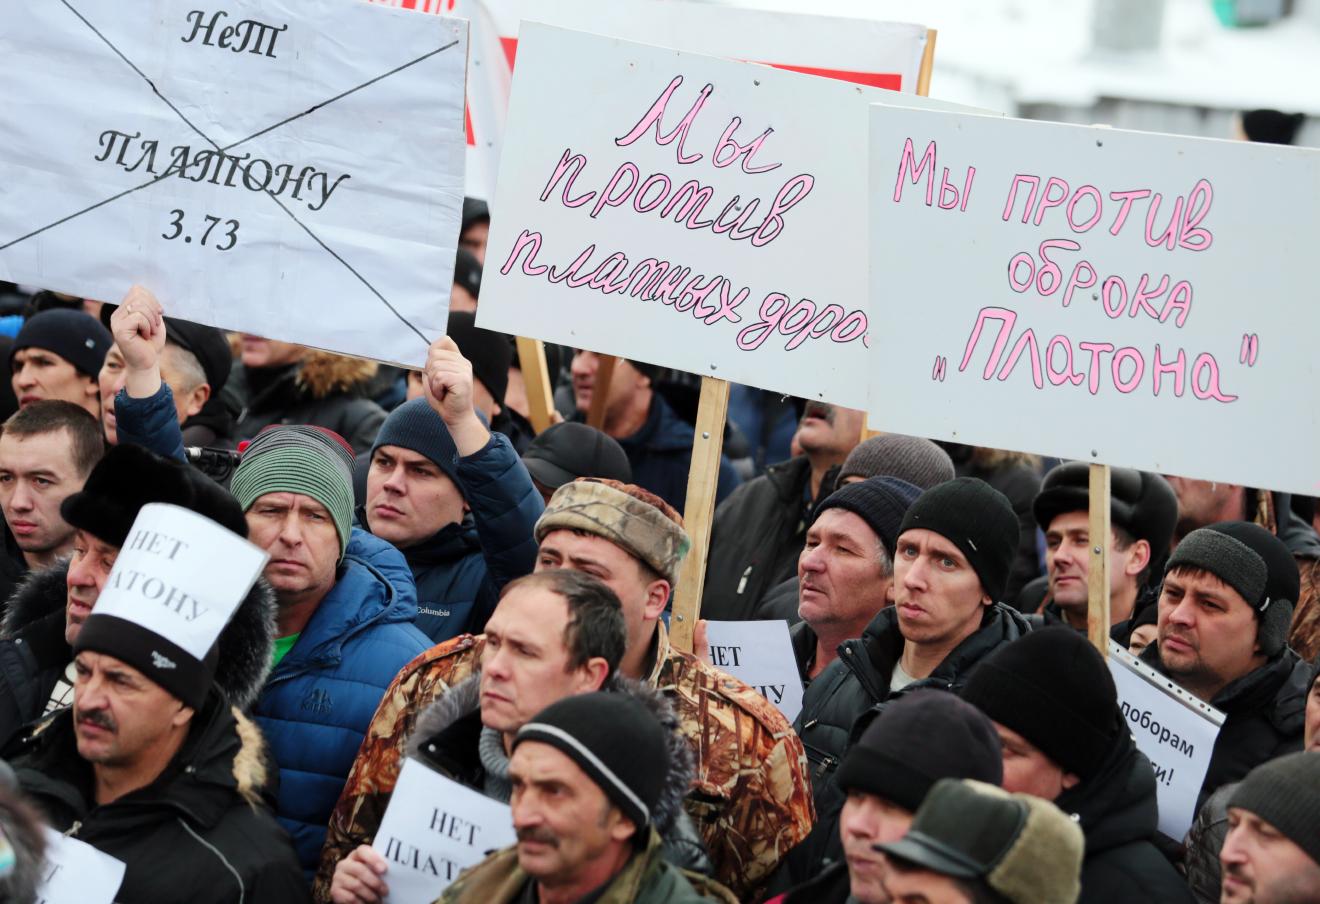 Митинг дальнобойщиков против новой системы дорожных сборов «Платон» в Омске.